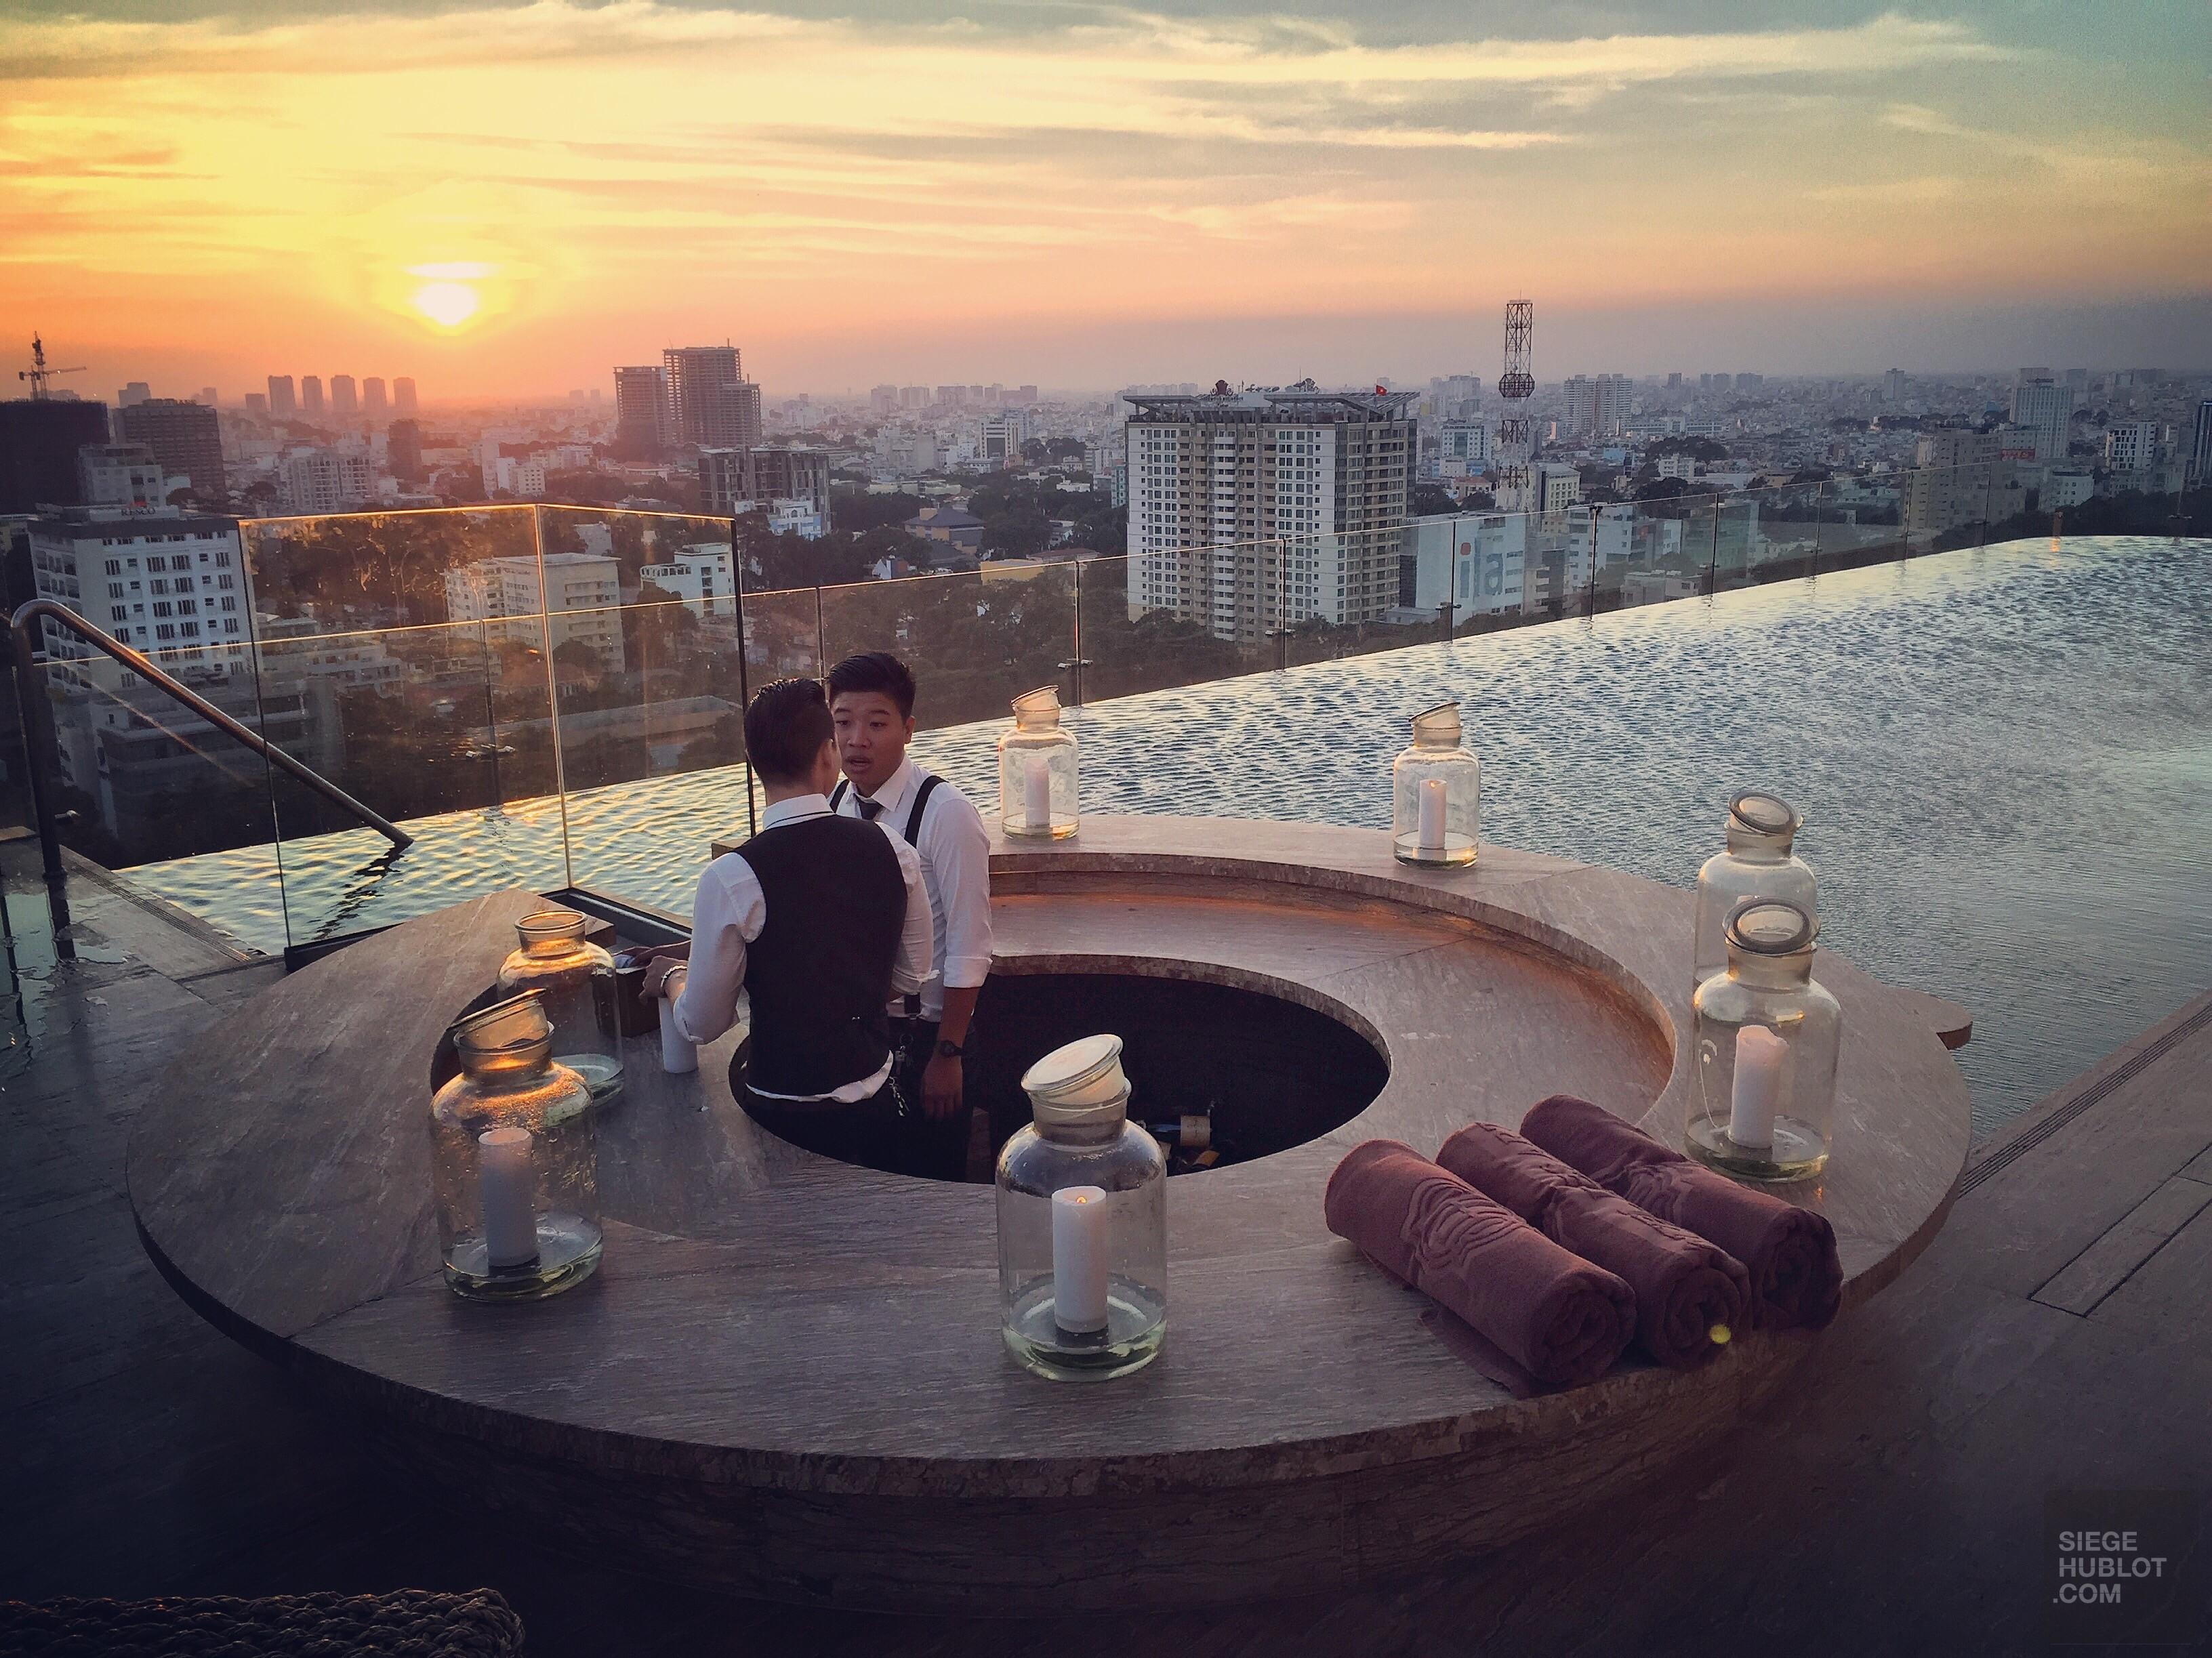 Nouvel Hôtel à Ho Chi Minh - vietnam, hotels, asie